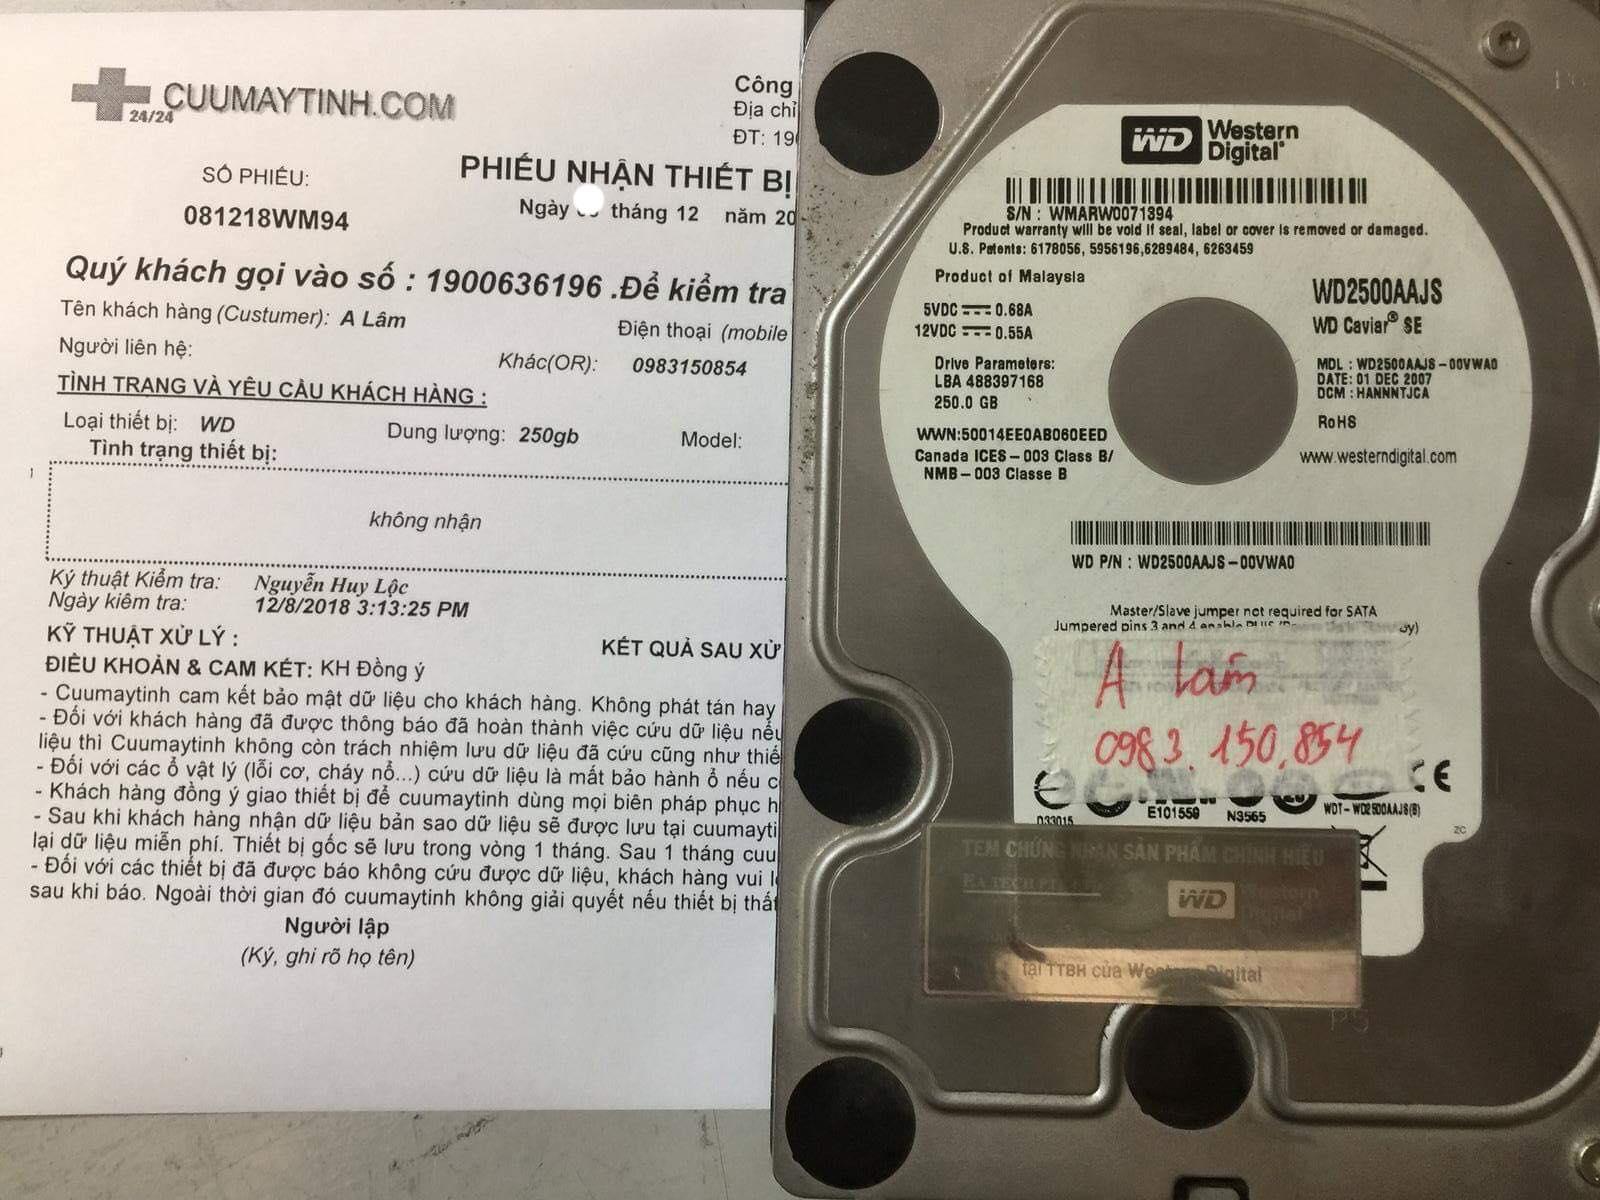 Phục hồi dữ liệu ổ cứng Western 250GB không nhận 27/12/2018 - cuumaytinh